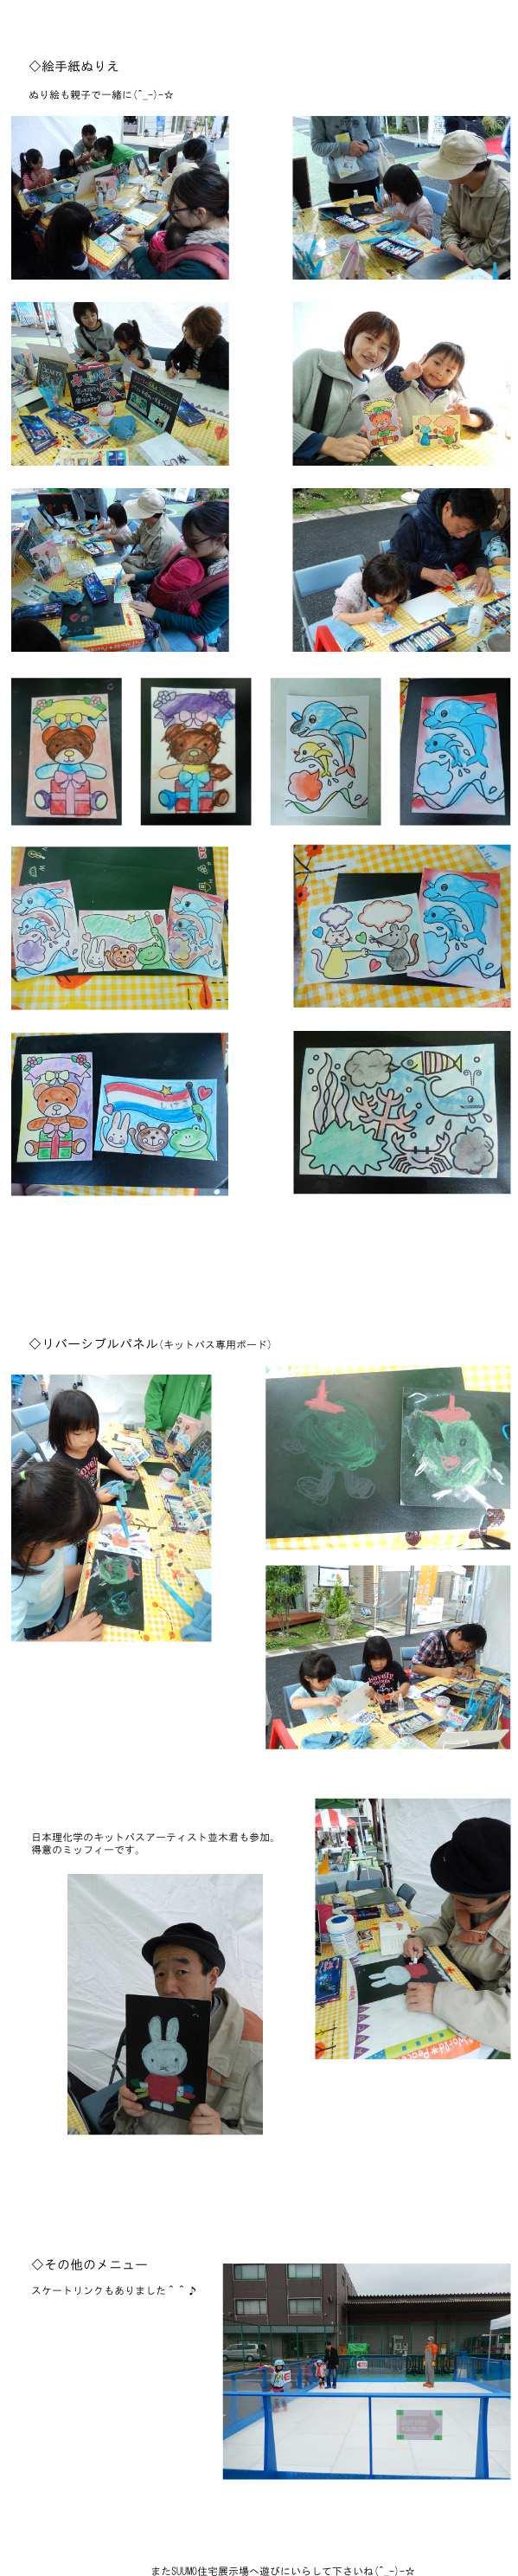 SUUMO(スーモ)キッズフェスタにキットパス&ダストレスチョークお絵かきで参加しました(2013年11月4日)